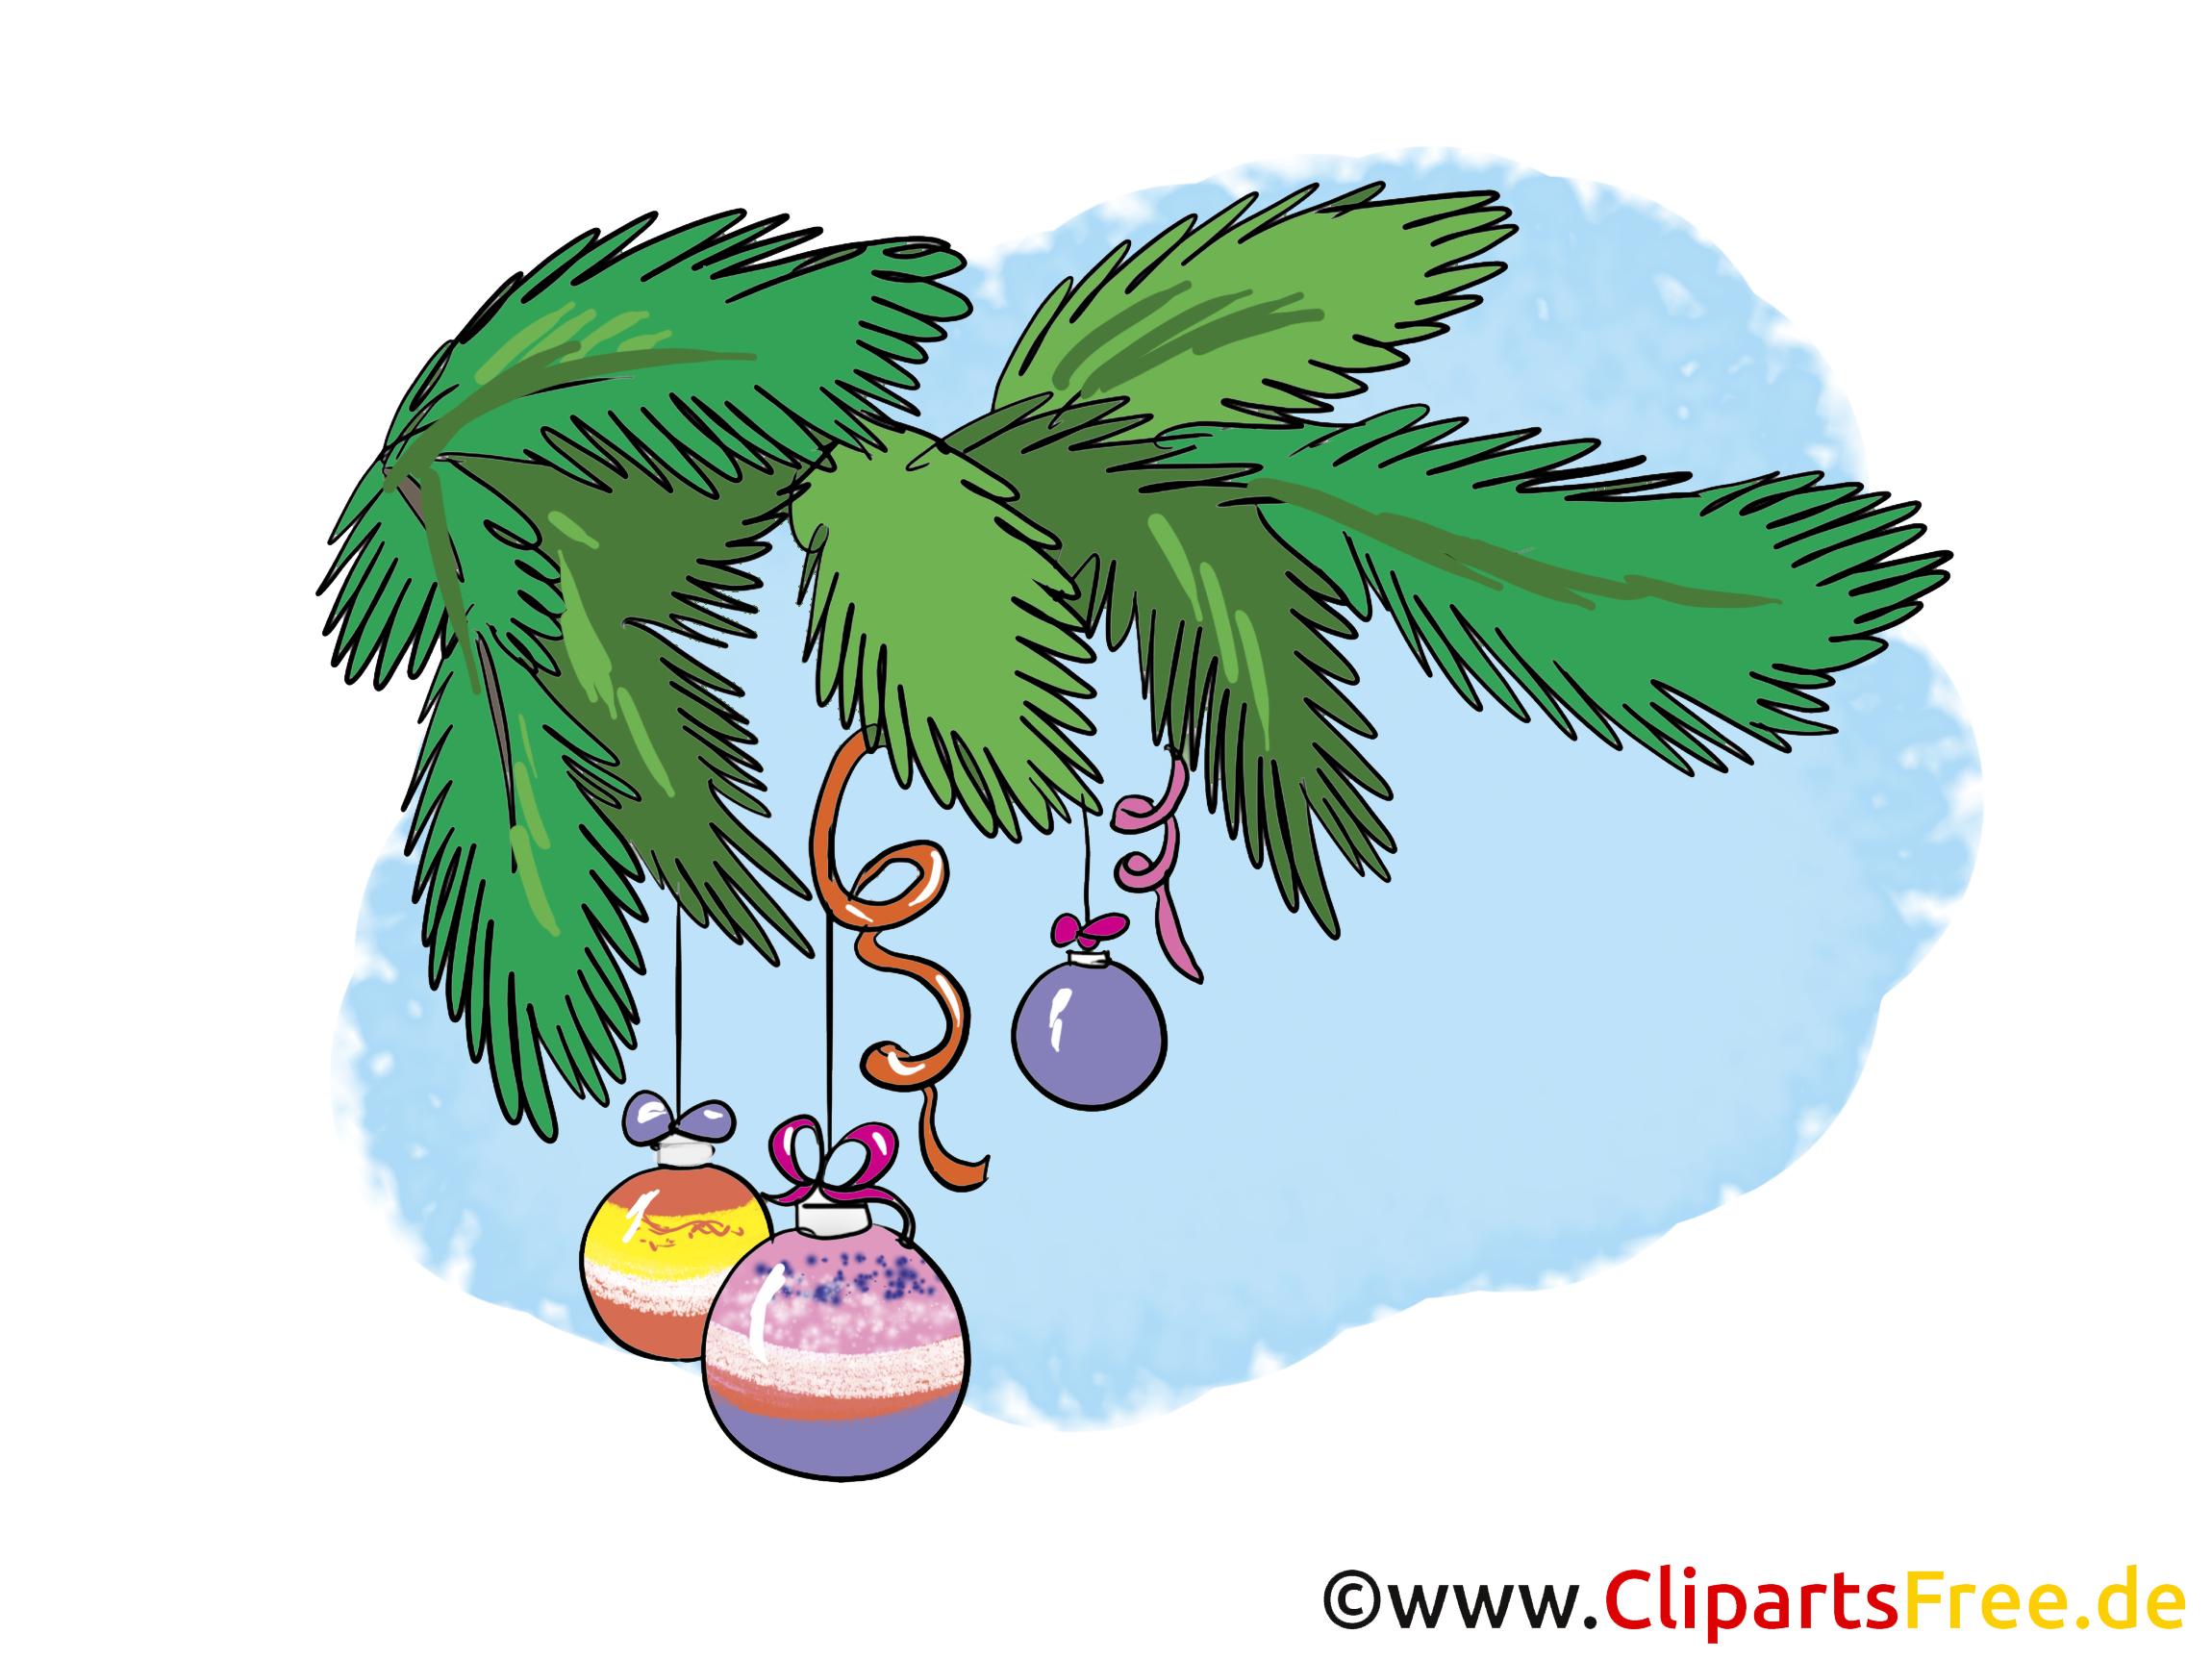 Kostenlose Cliparts Weihnachten und Silvester